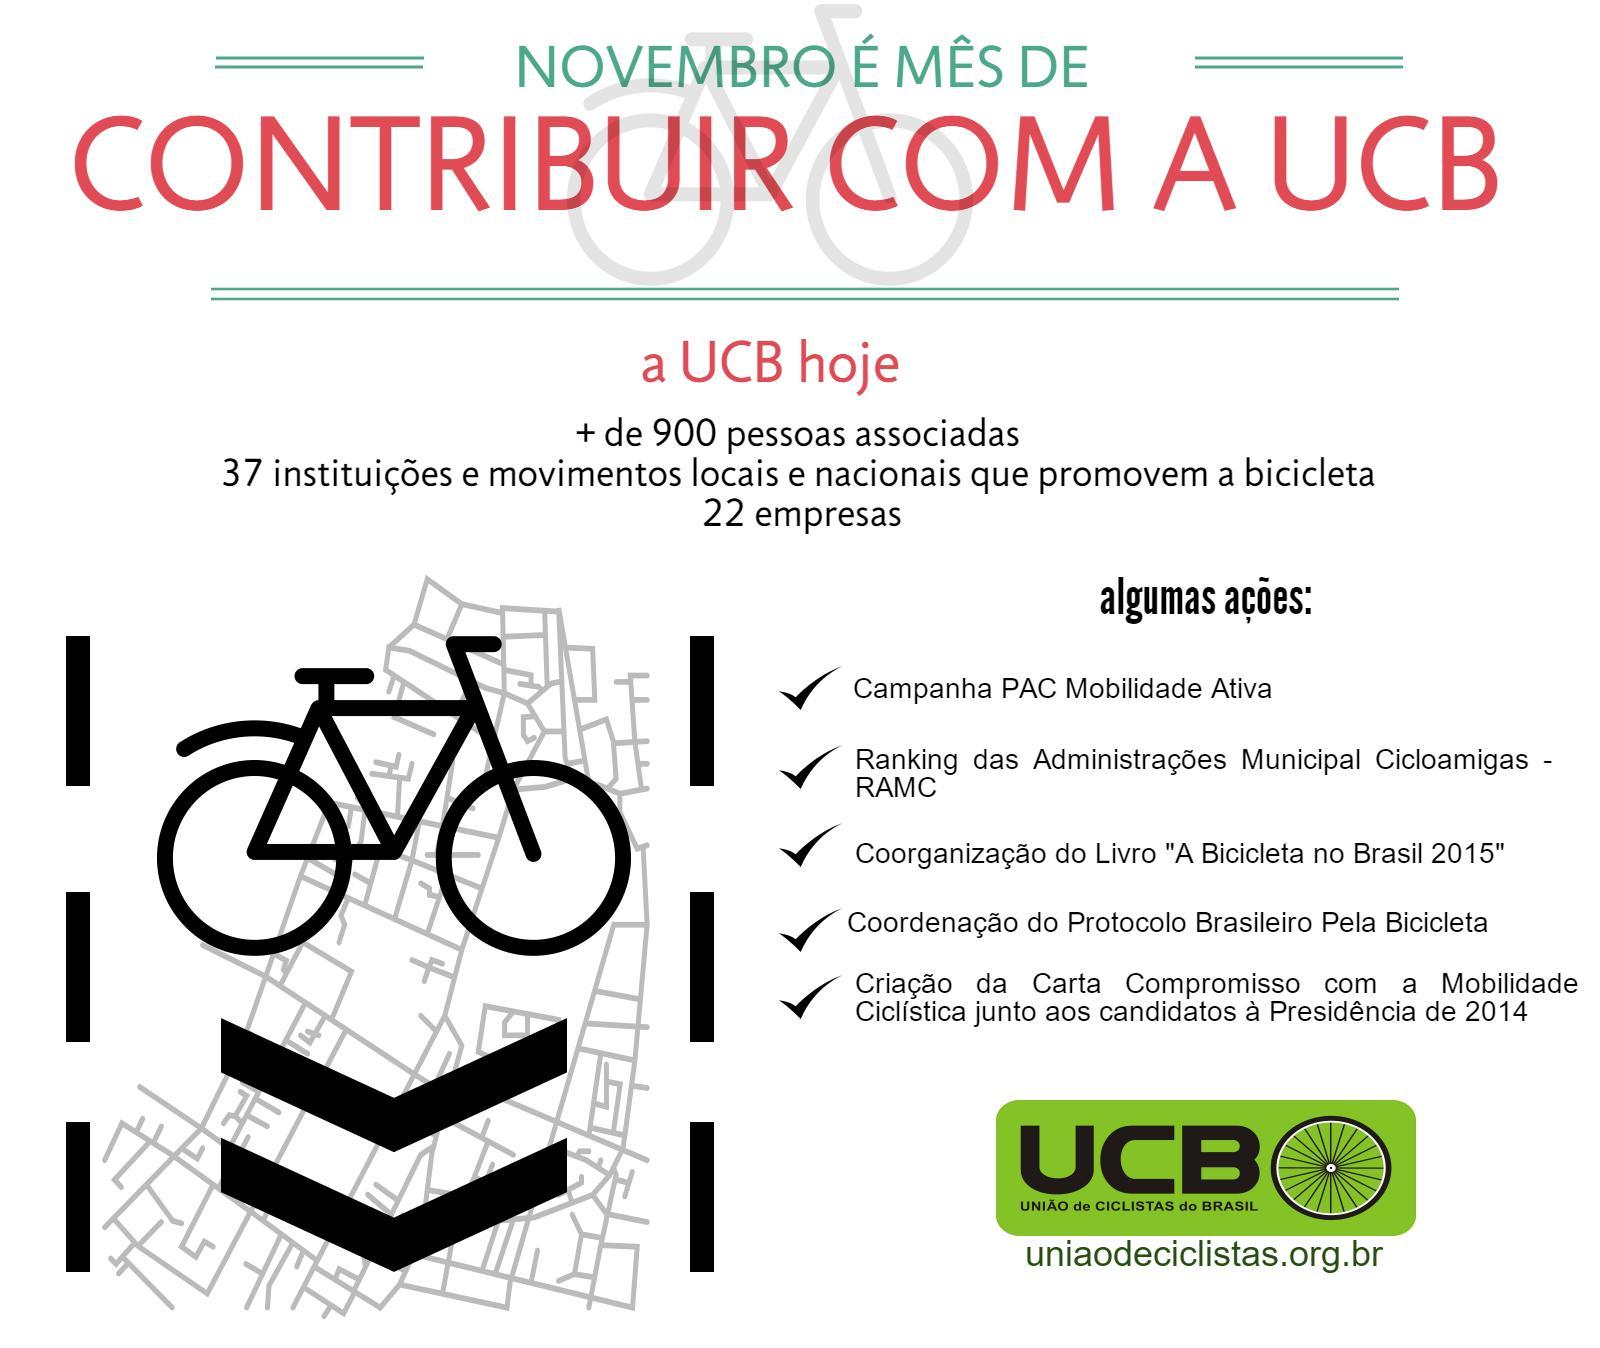 ContribuiçõesUCB15